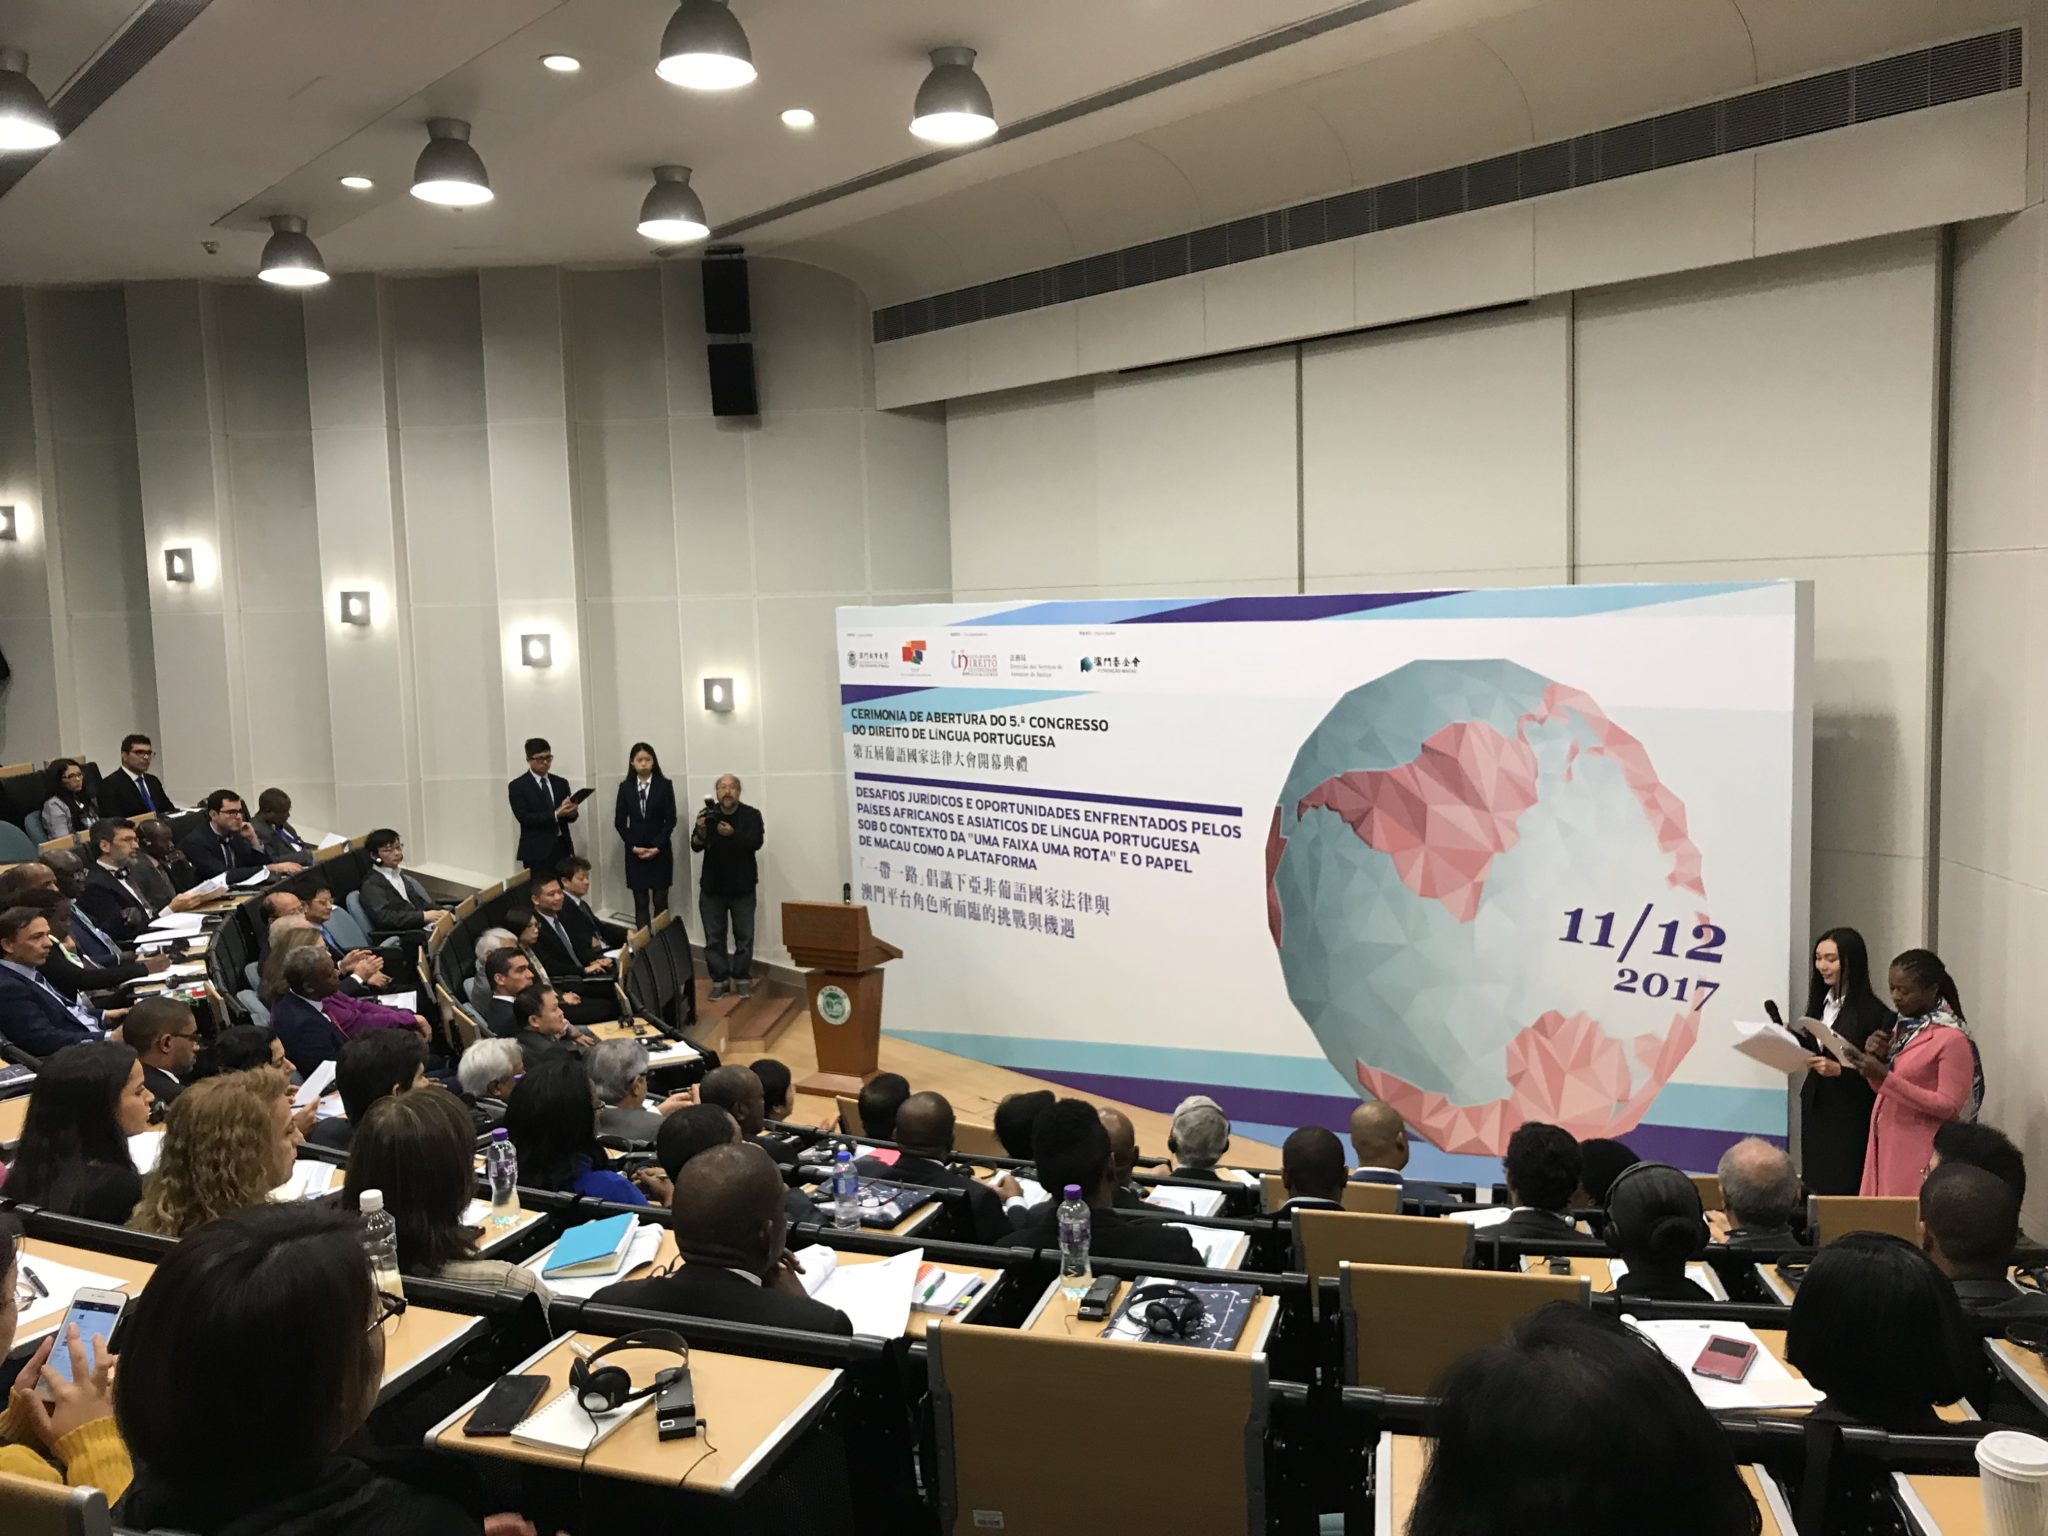 Mo Shijian recomenda análise às convenções internacionais